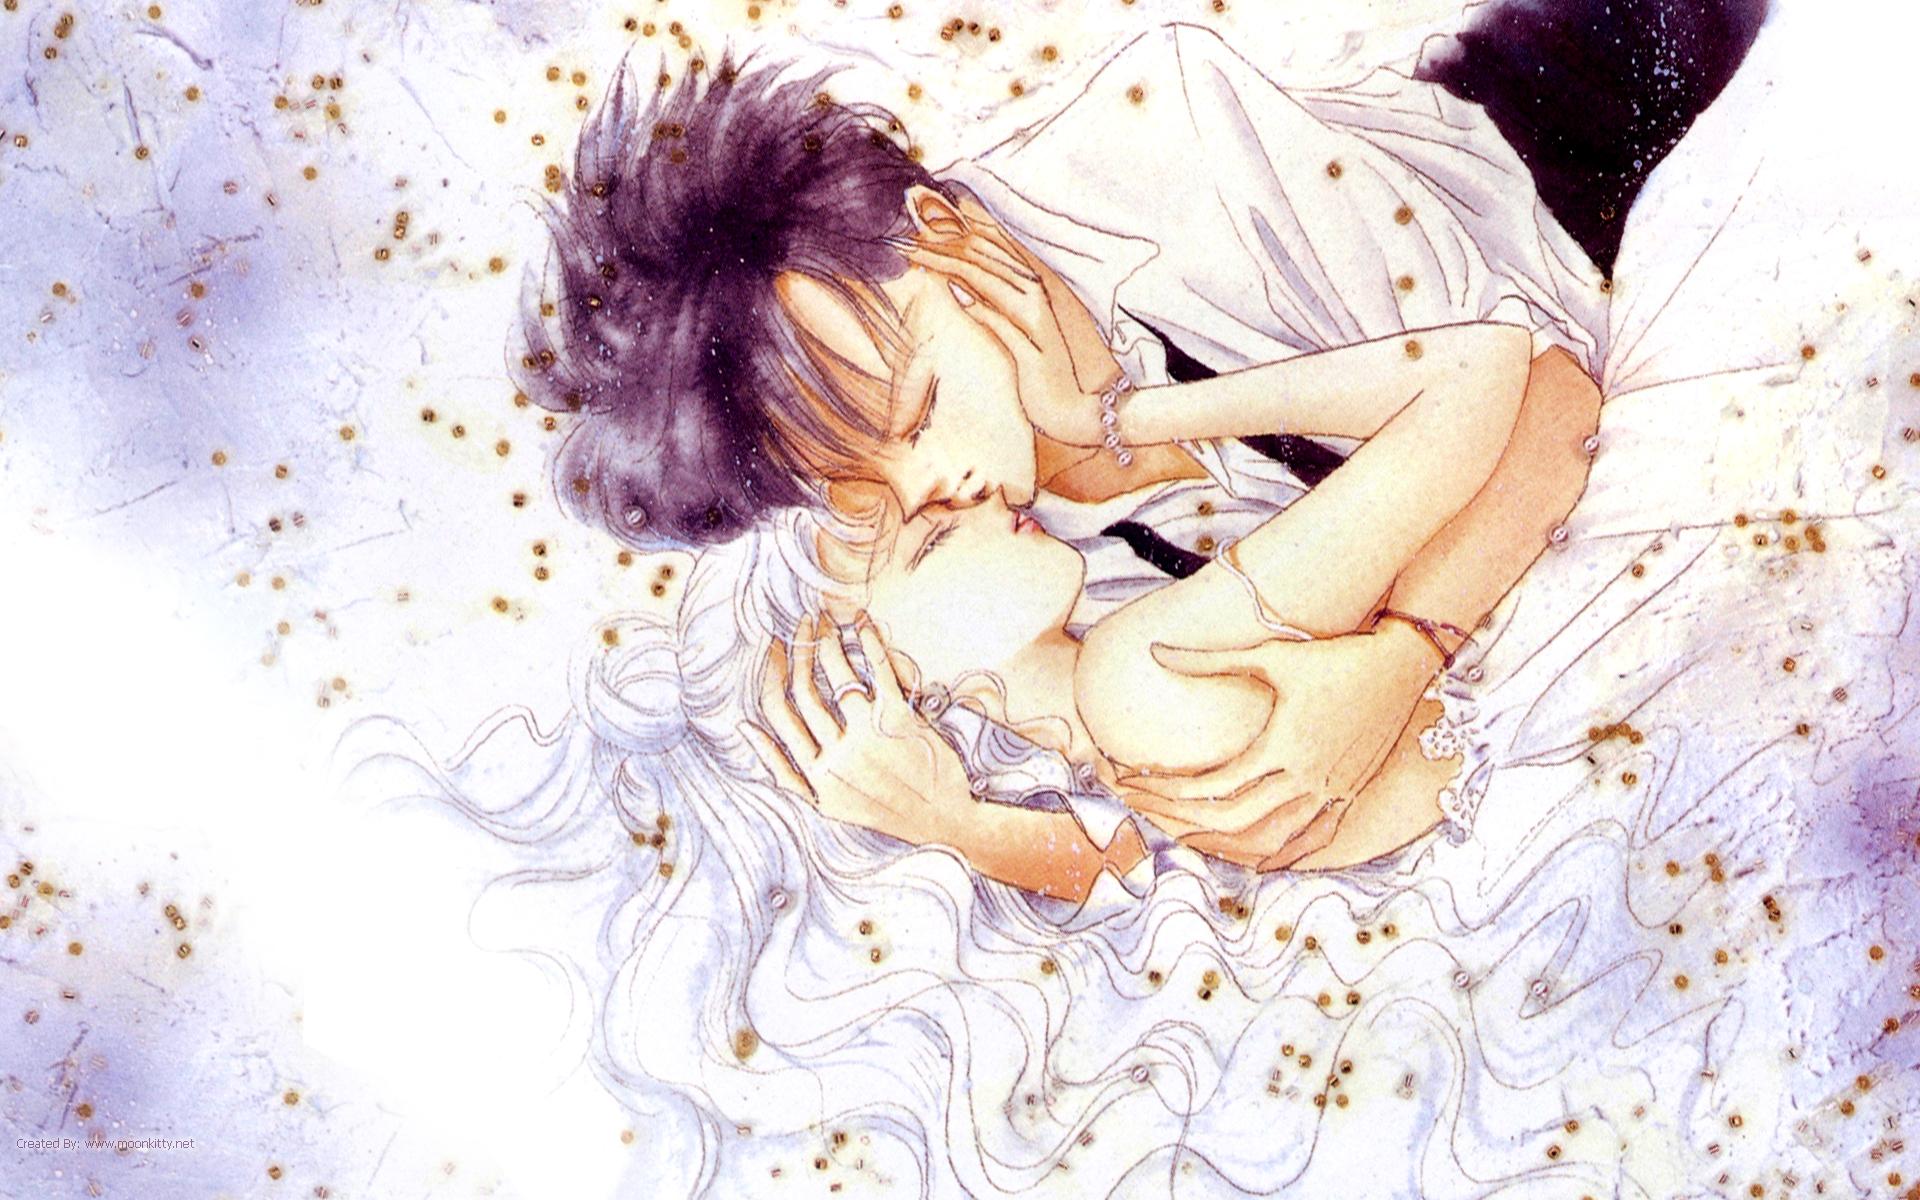 Manga Sailor Moon SailorMoonManga3_1920x1200